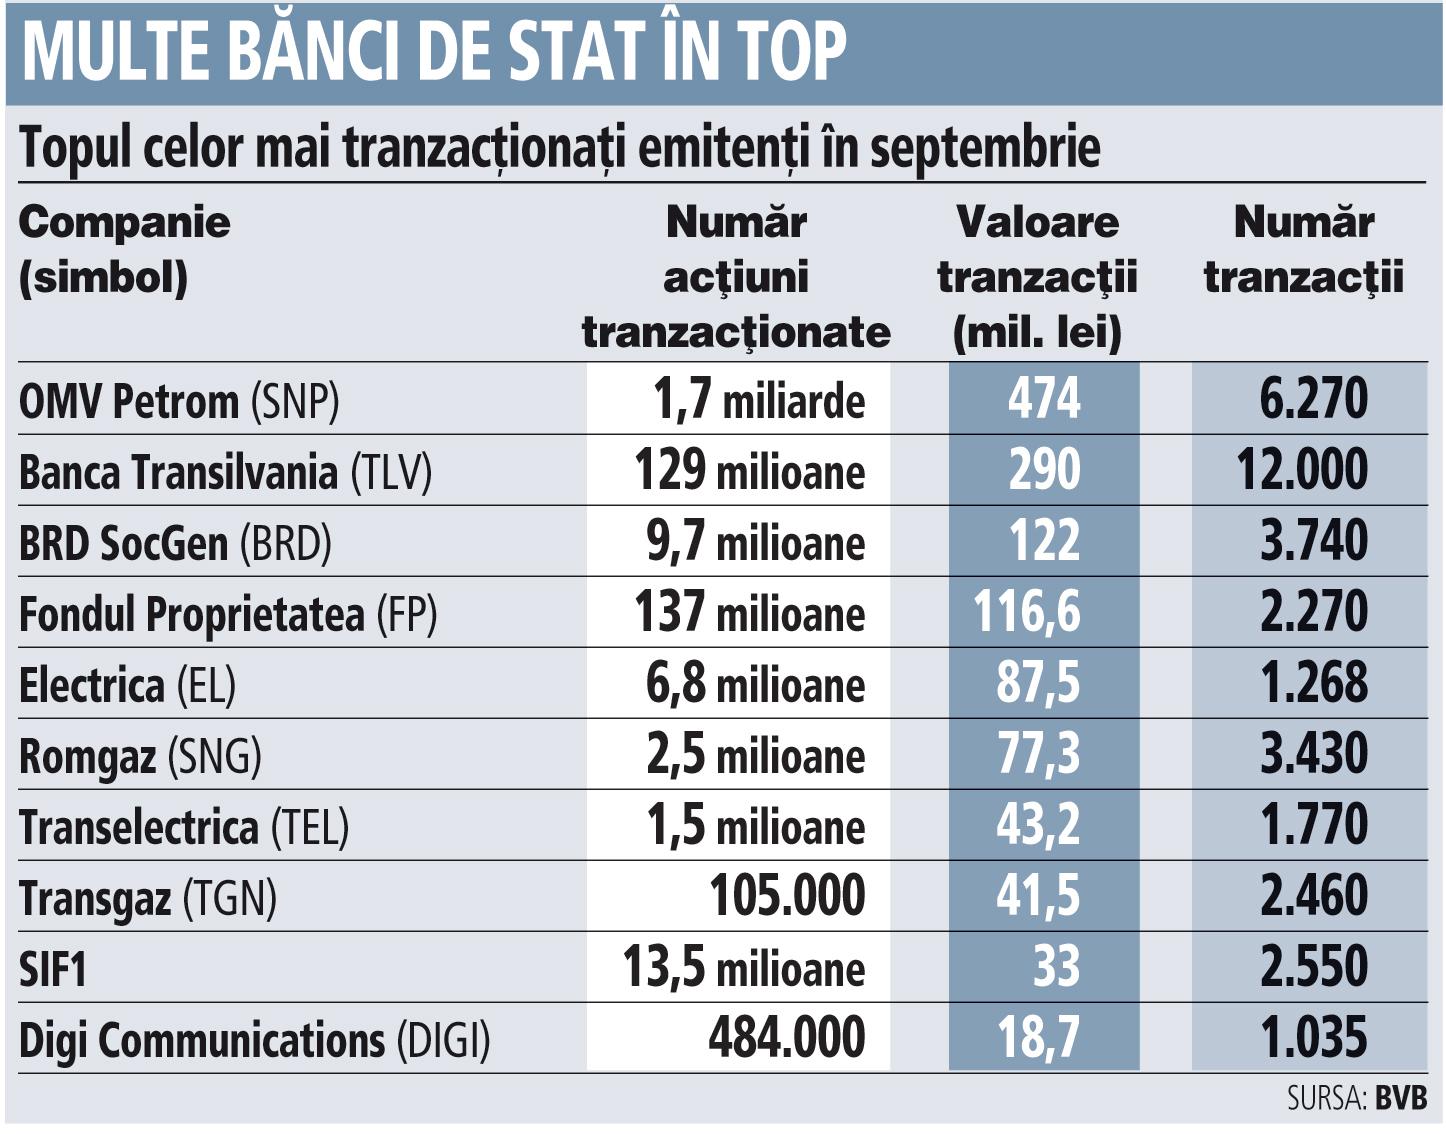 Grafic: Topul celor mai tranzacţionaţi emitenţi în septembrie